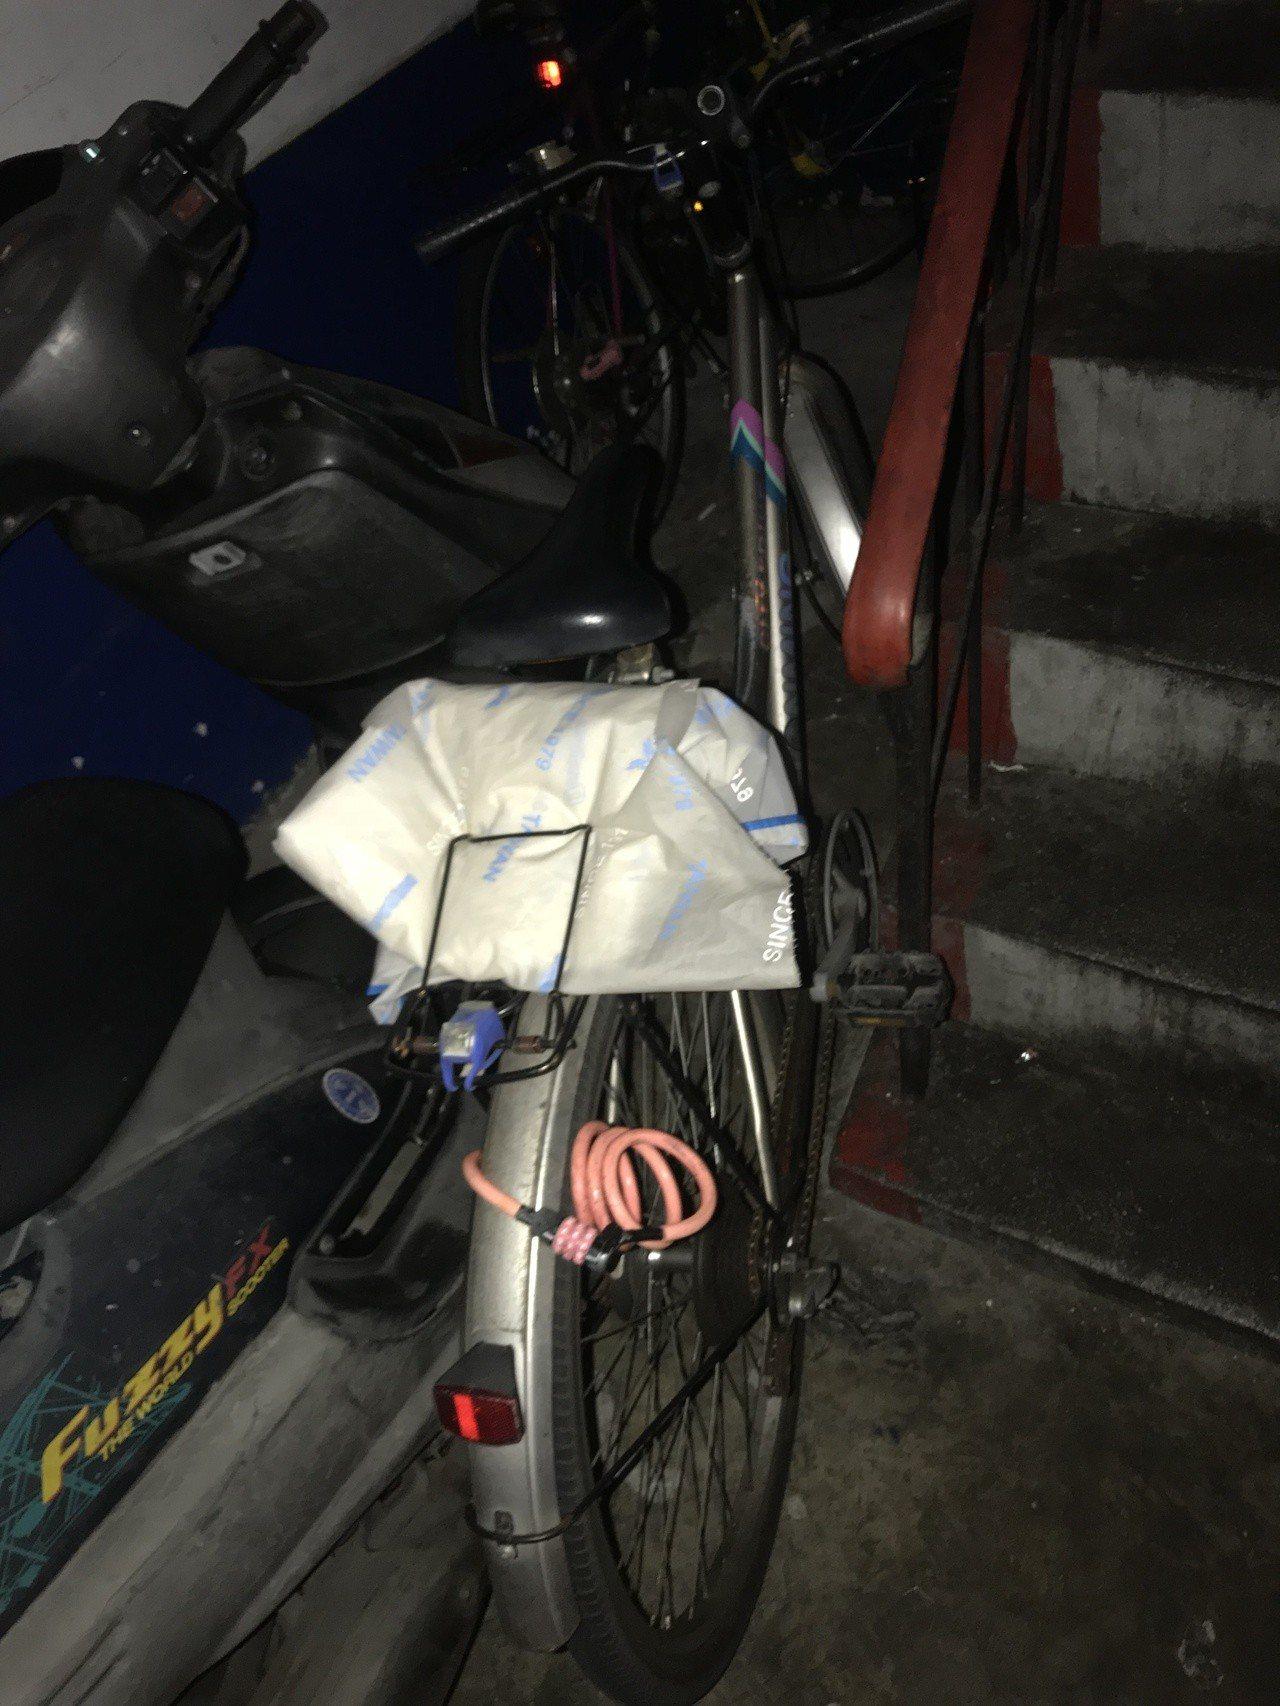 被害陳姓女子的腳踏車,失而復得後已用鎖鎖上。記者巫鴻瑋/翻攝